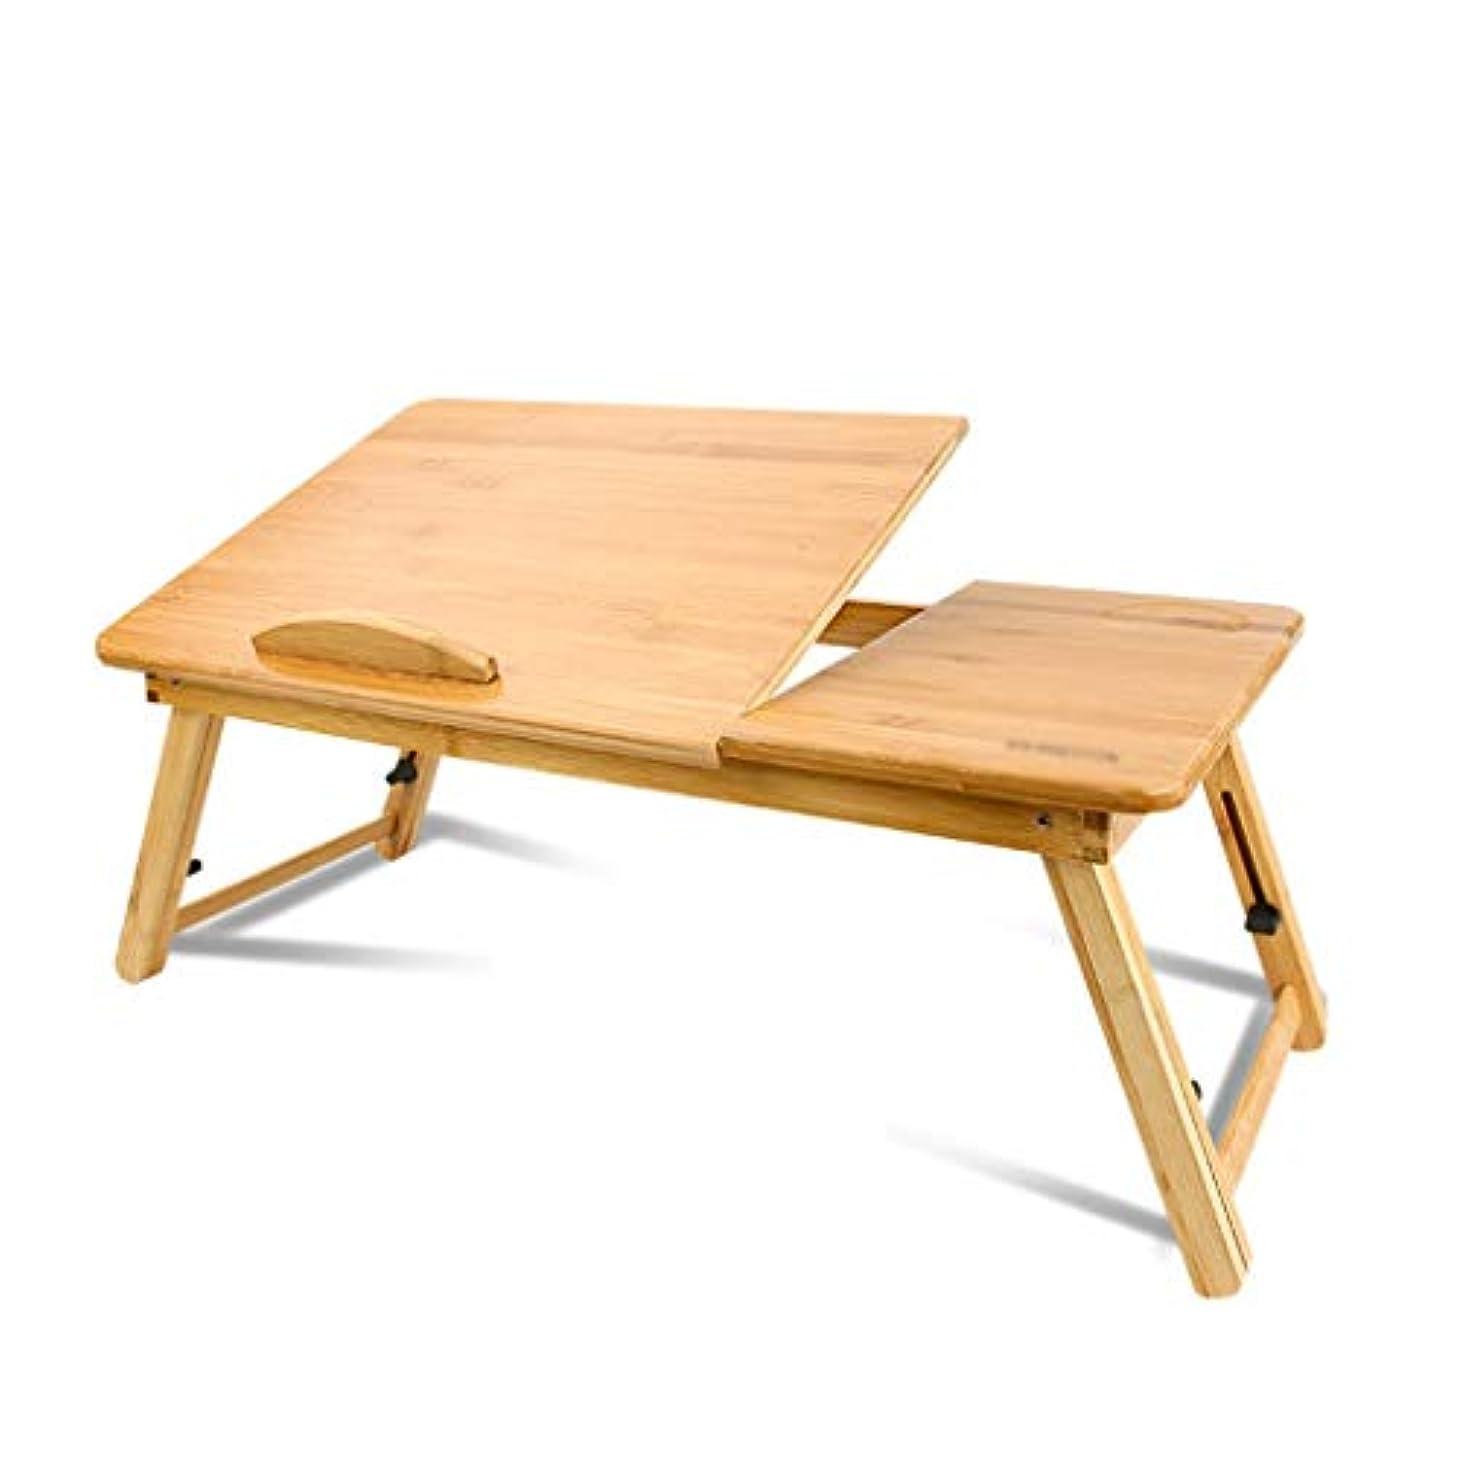 身元輝く中級折りたたみ式テーブル アウトドア 竹大折りたたみラップトップスタンド机付き引き出しカップホルダー、朝食用ベッドテーブル、読書 折りたたみ式テーブル